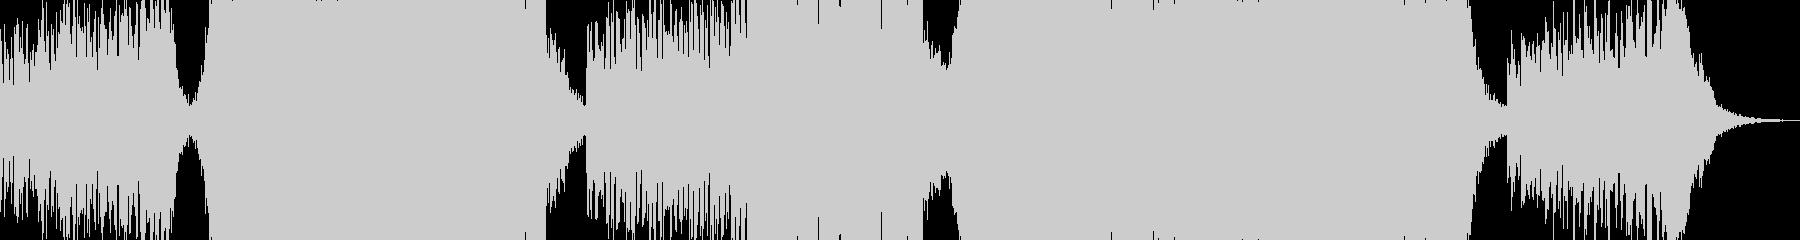 電気音響シンフォニー ダブステップ...の未再生の波形